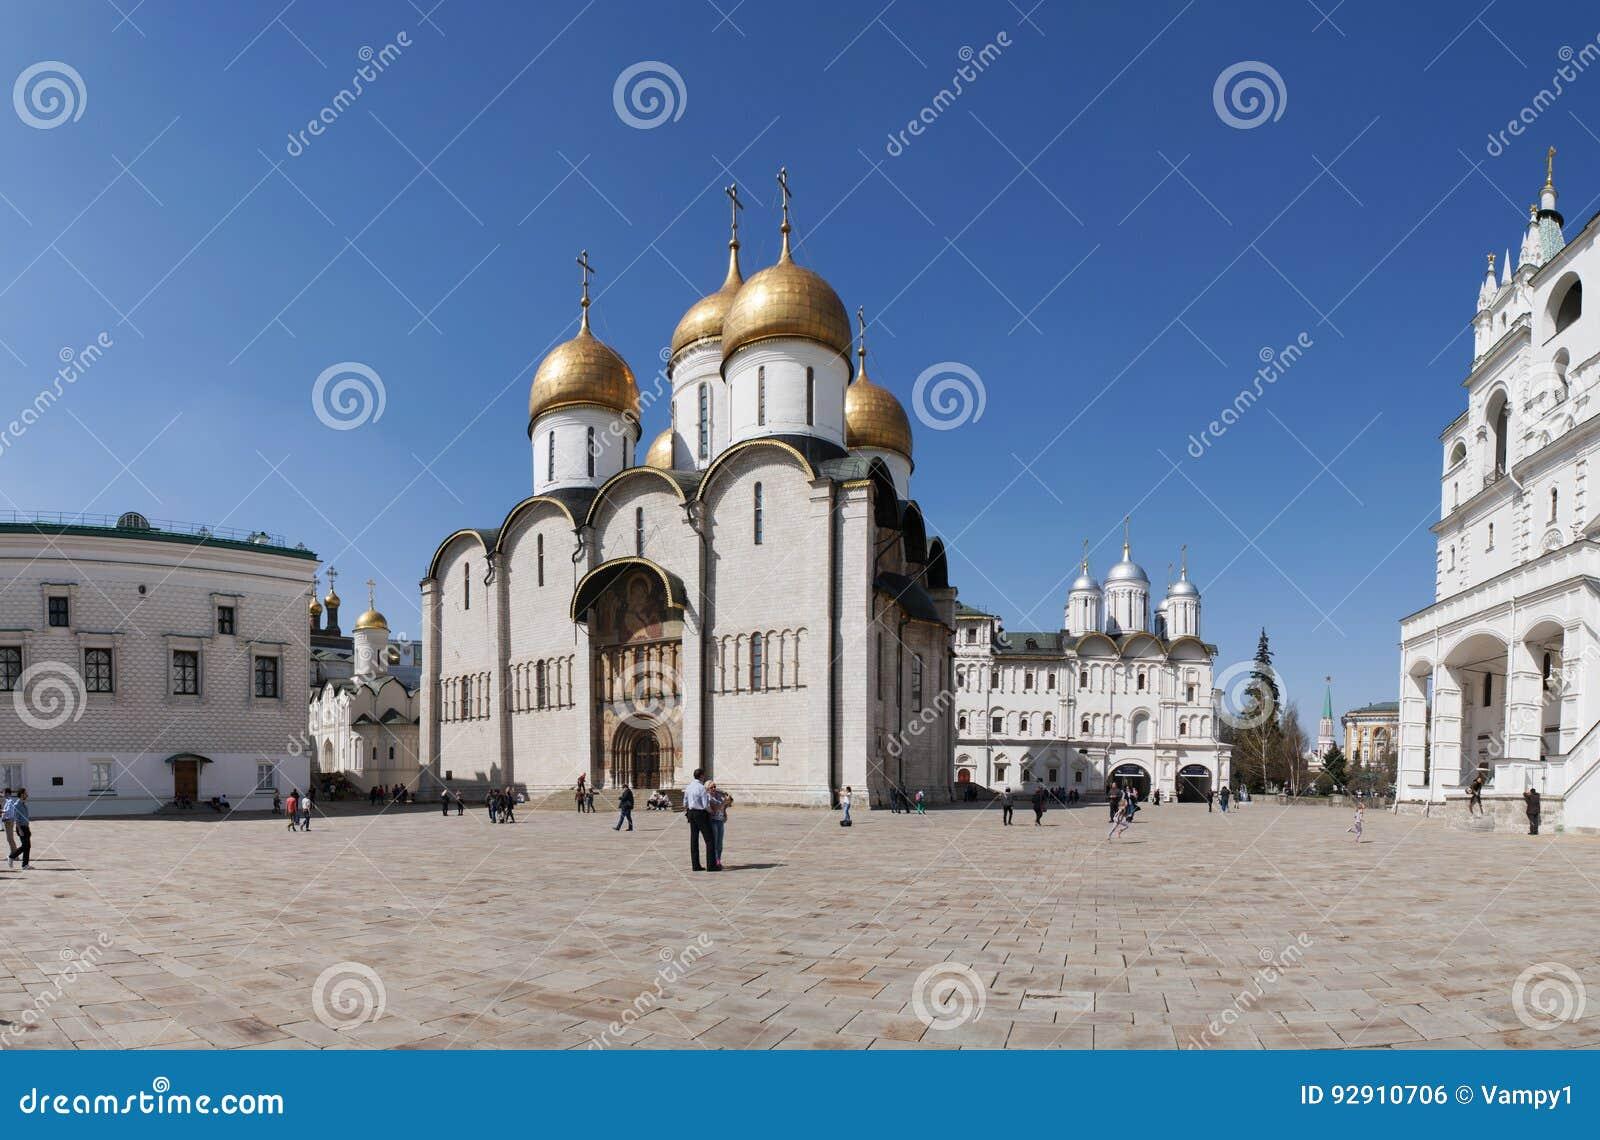 Dentro do Kremlin de Moscou, Moscou, cidade federal do russo, Federação Russa, Rússia